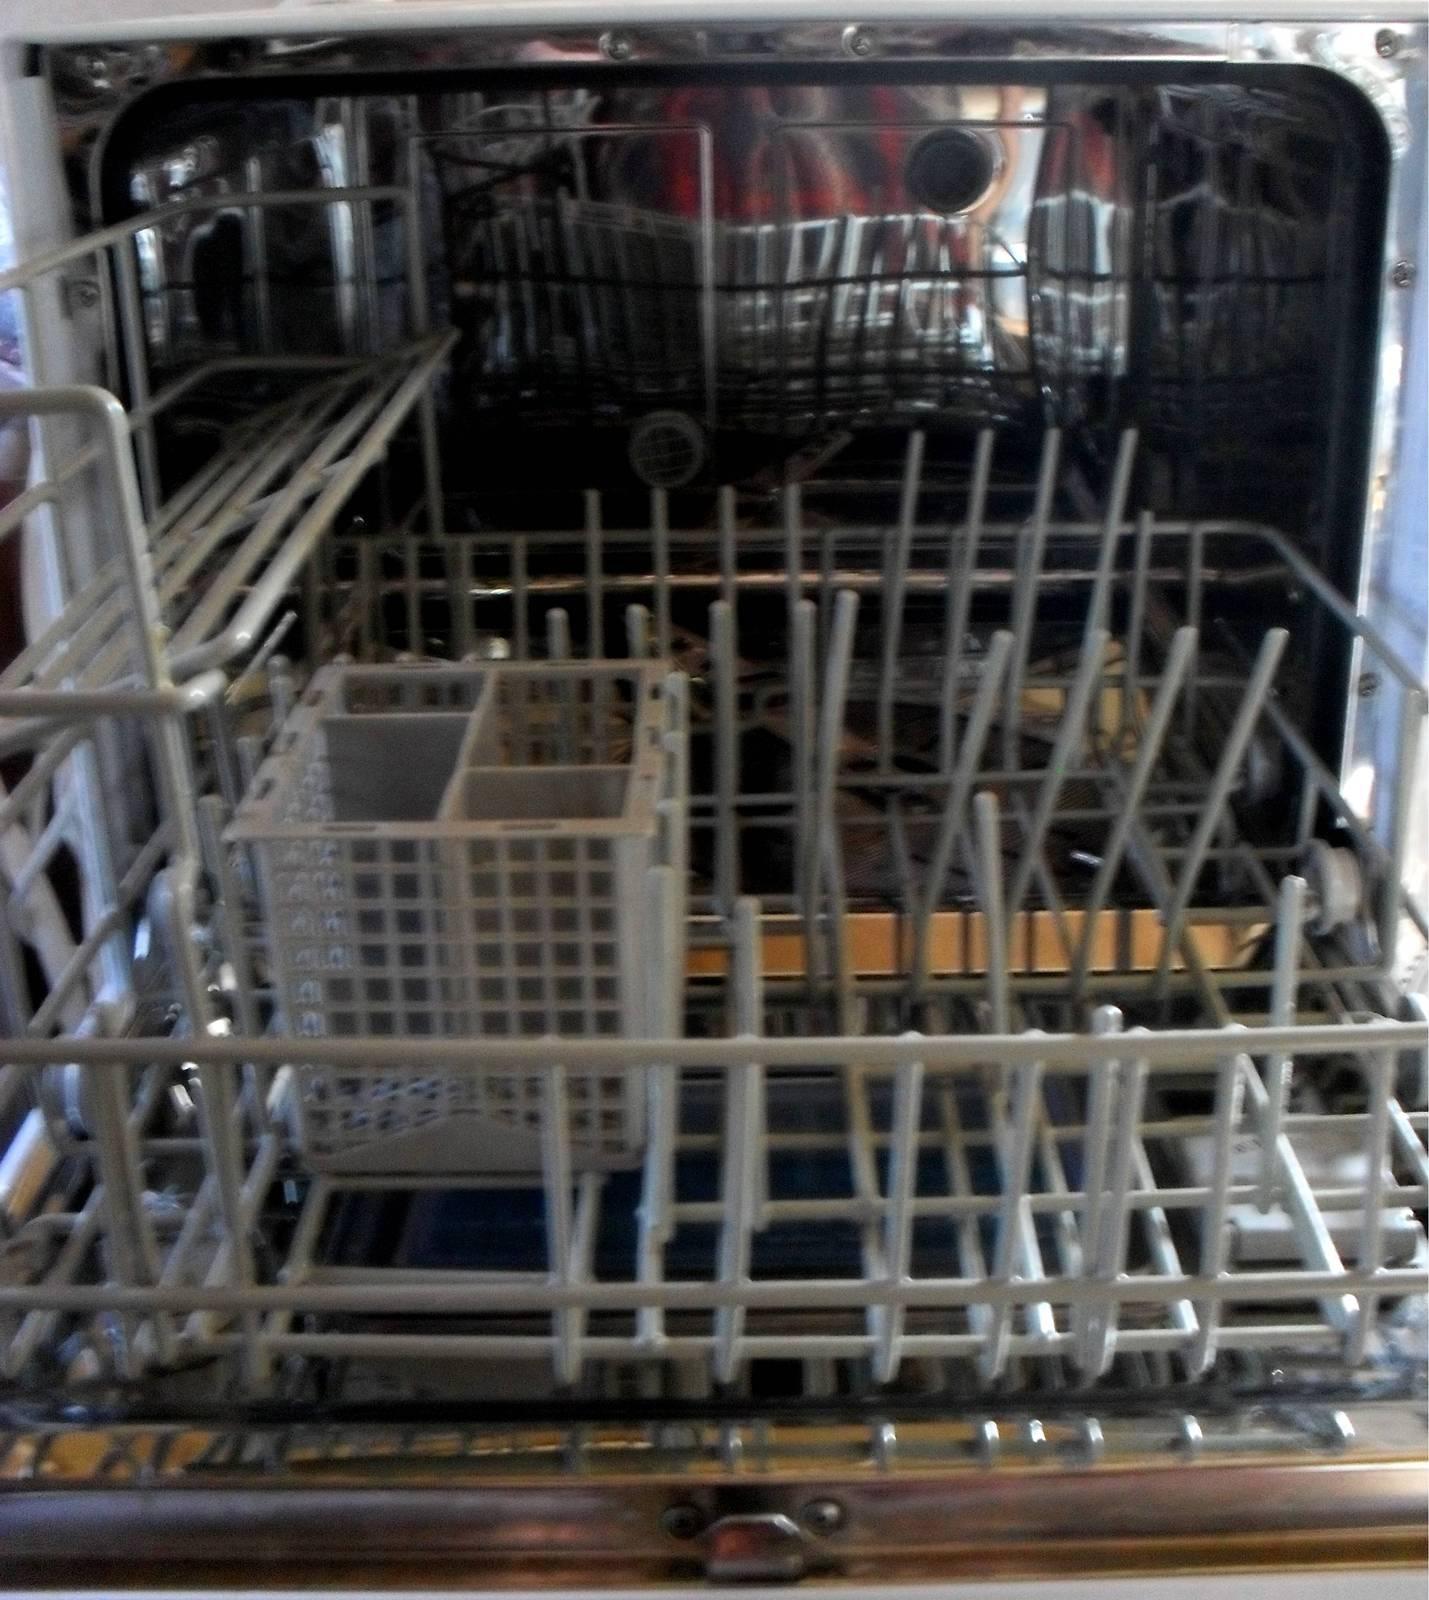 Countertop Dishwasher Nz : ... DDW396W Countertop Dishwasher - 4 Place Setting Capacity - Dishwashers